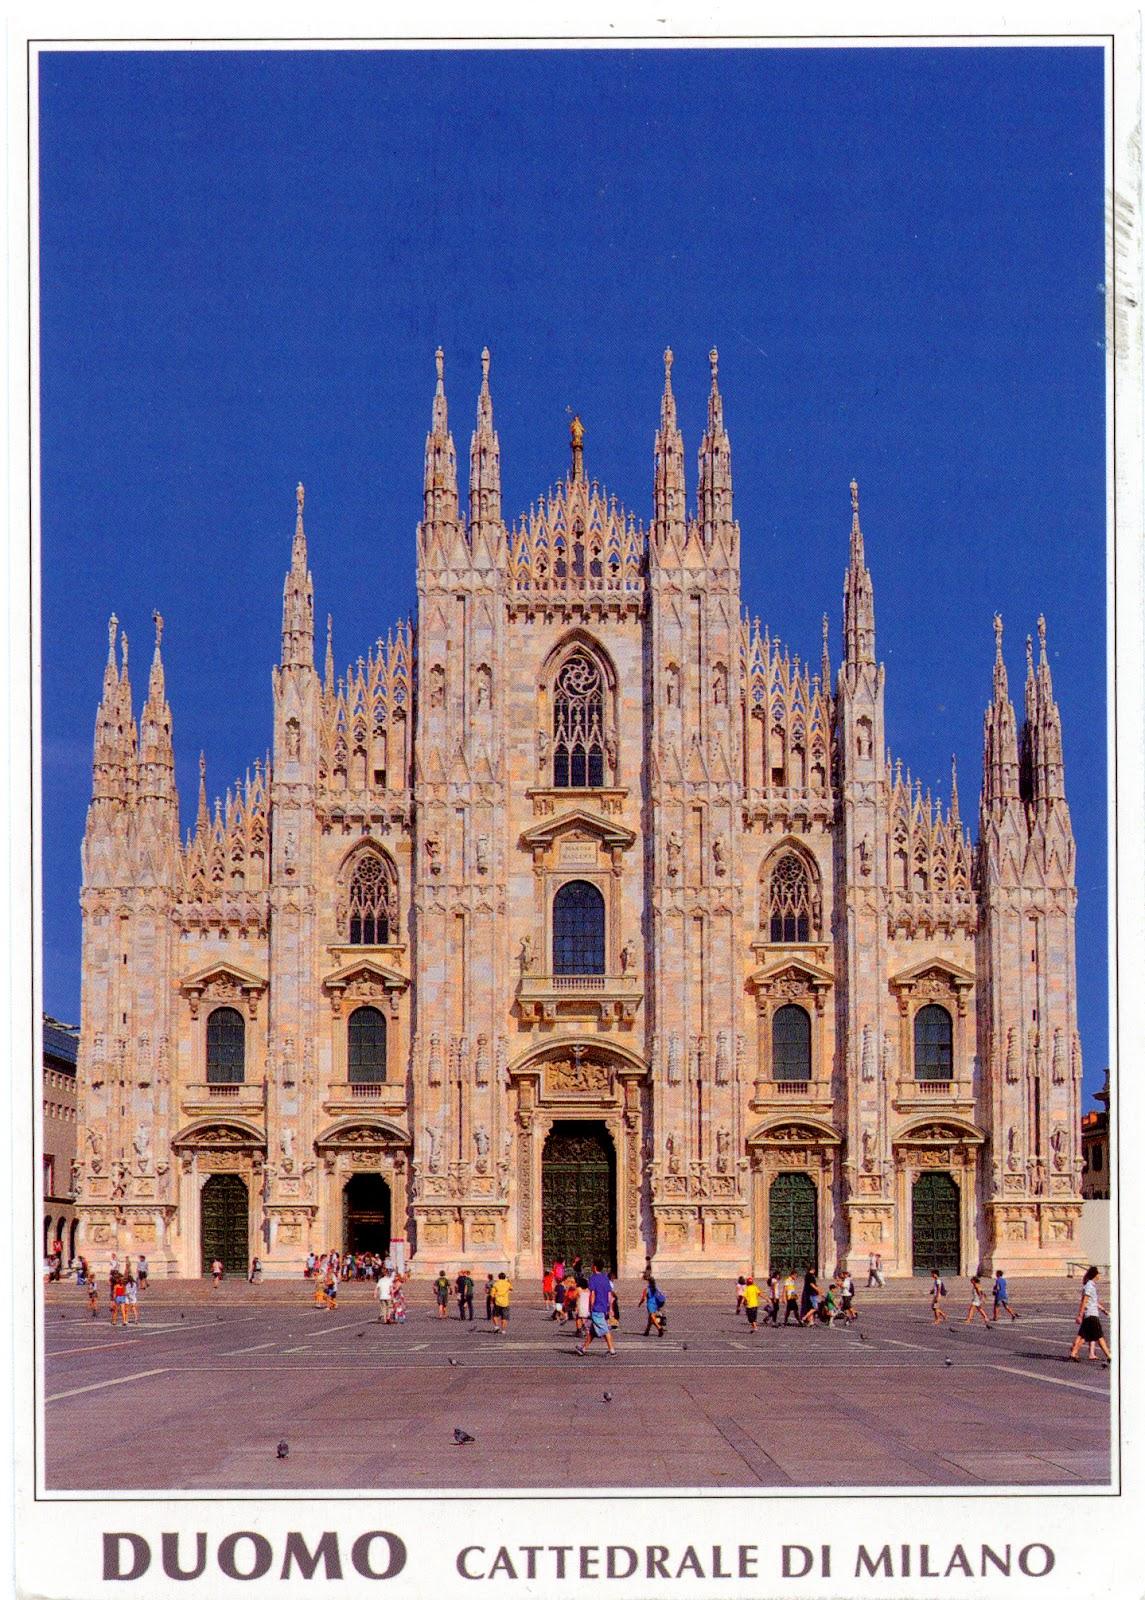 Come arrivare al Duomo di Milano - Viaggi e Vacanze